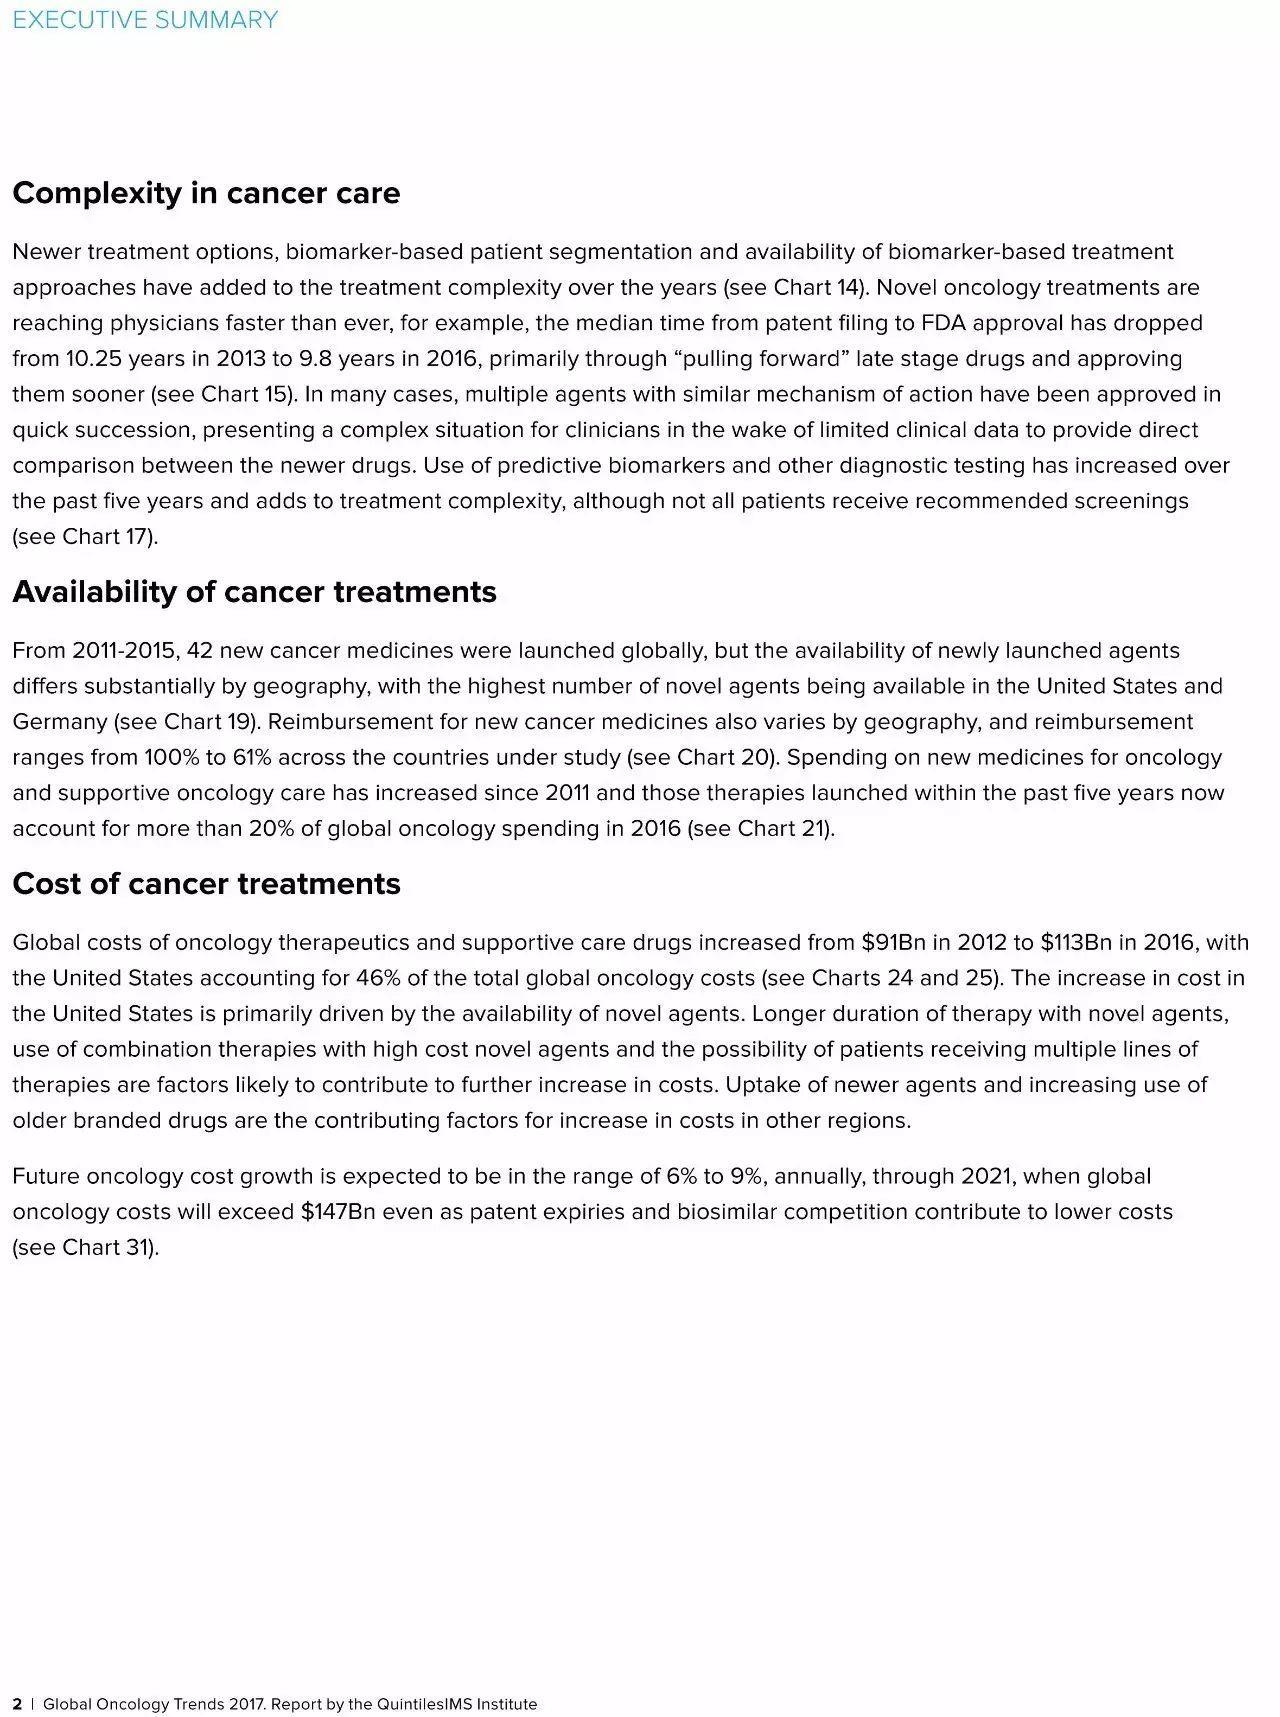 2017年全球肿瘤学趋势(Global Oncology Trends 2017)